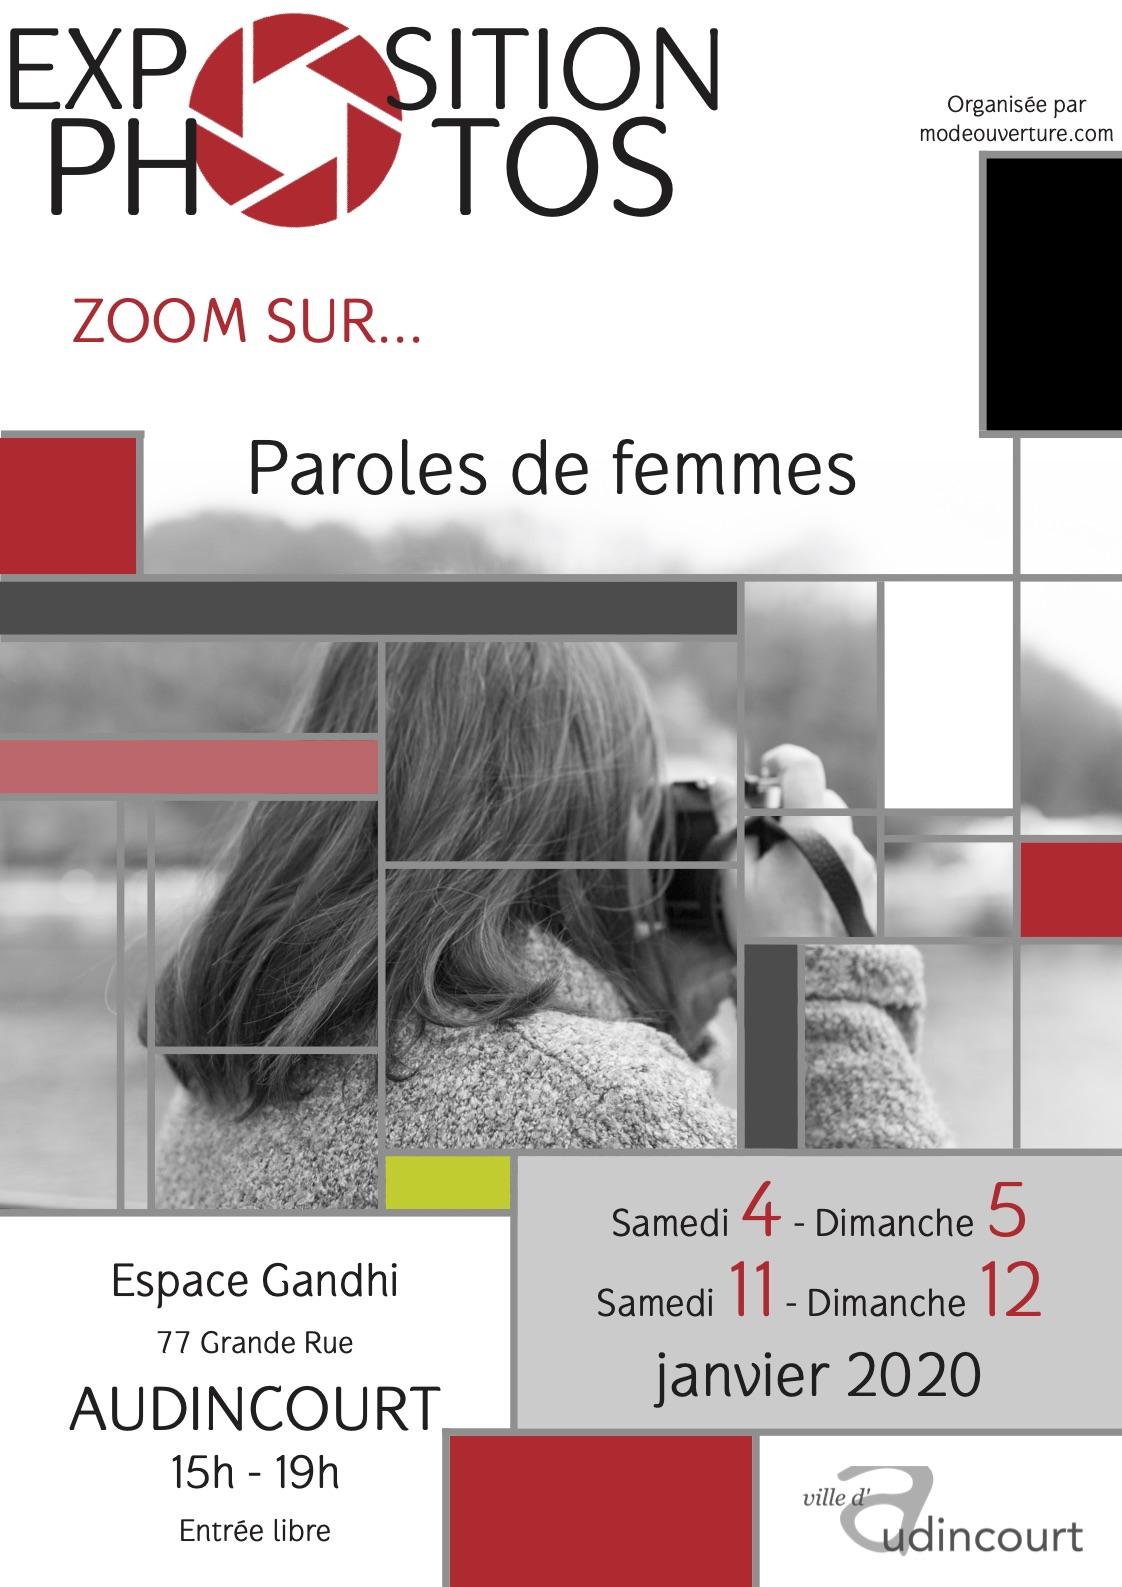 Zoom sur Paroles de femmes (janvier 2020)